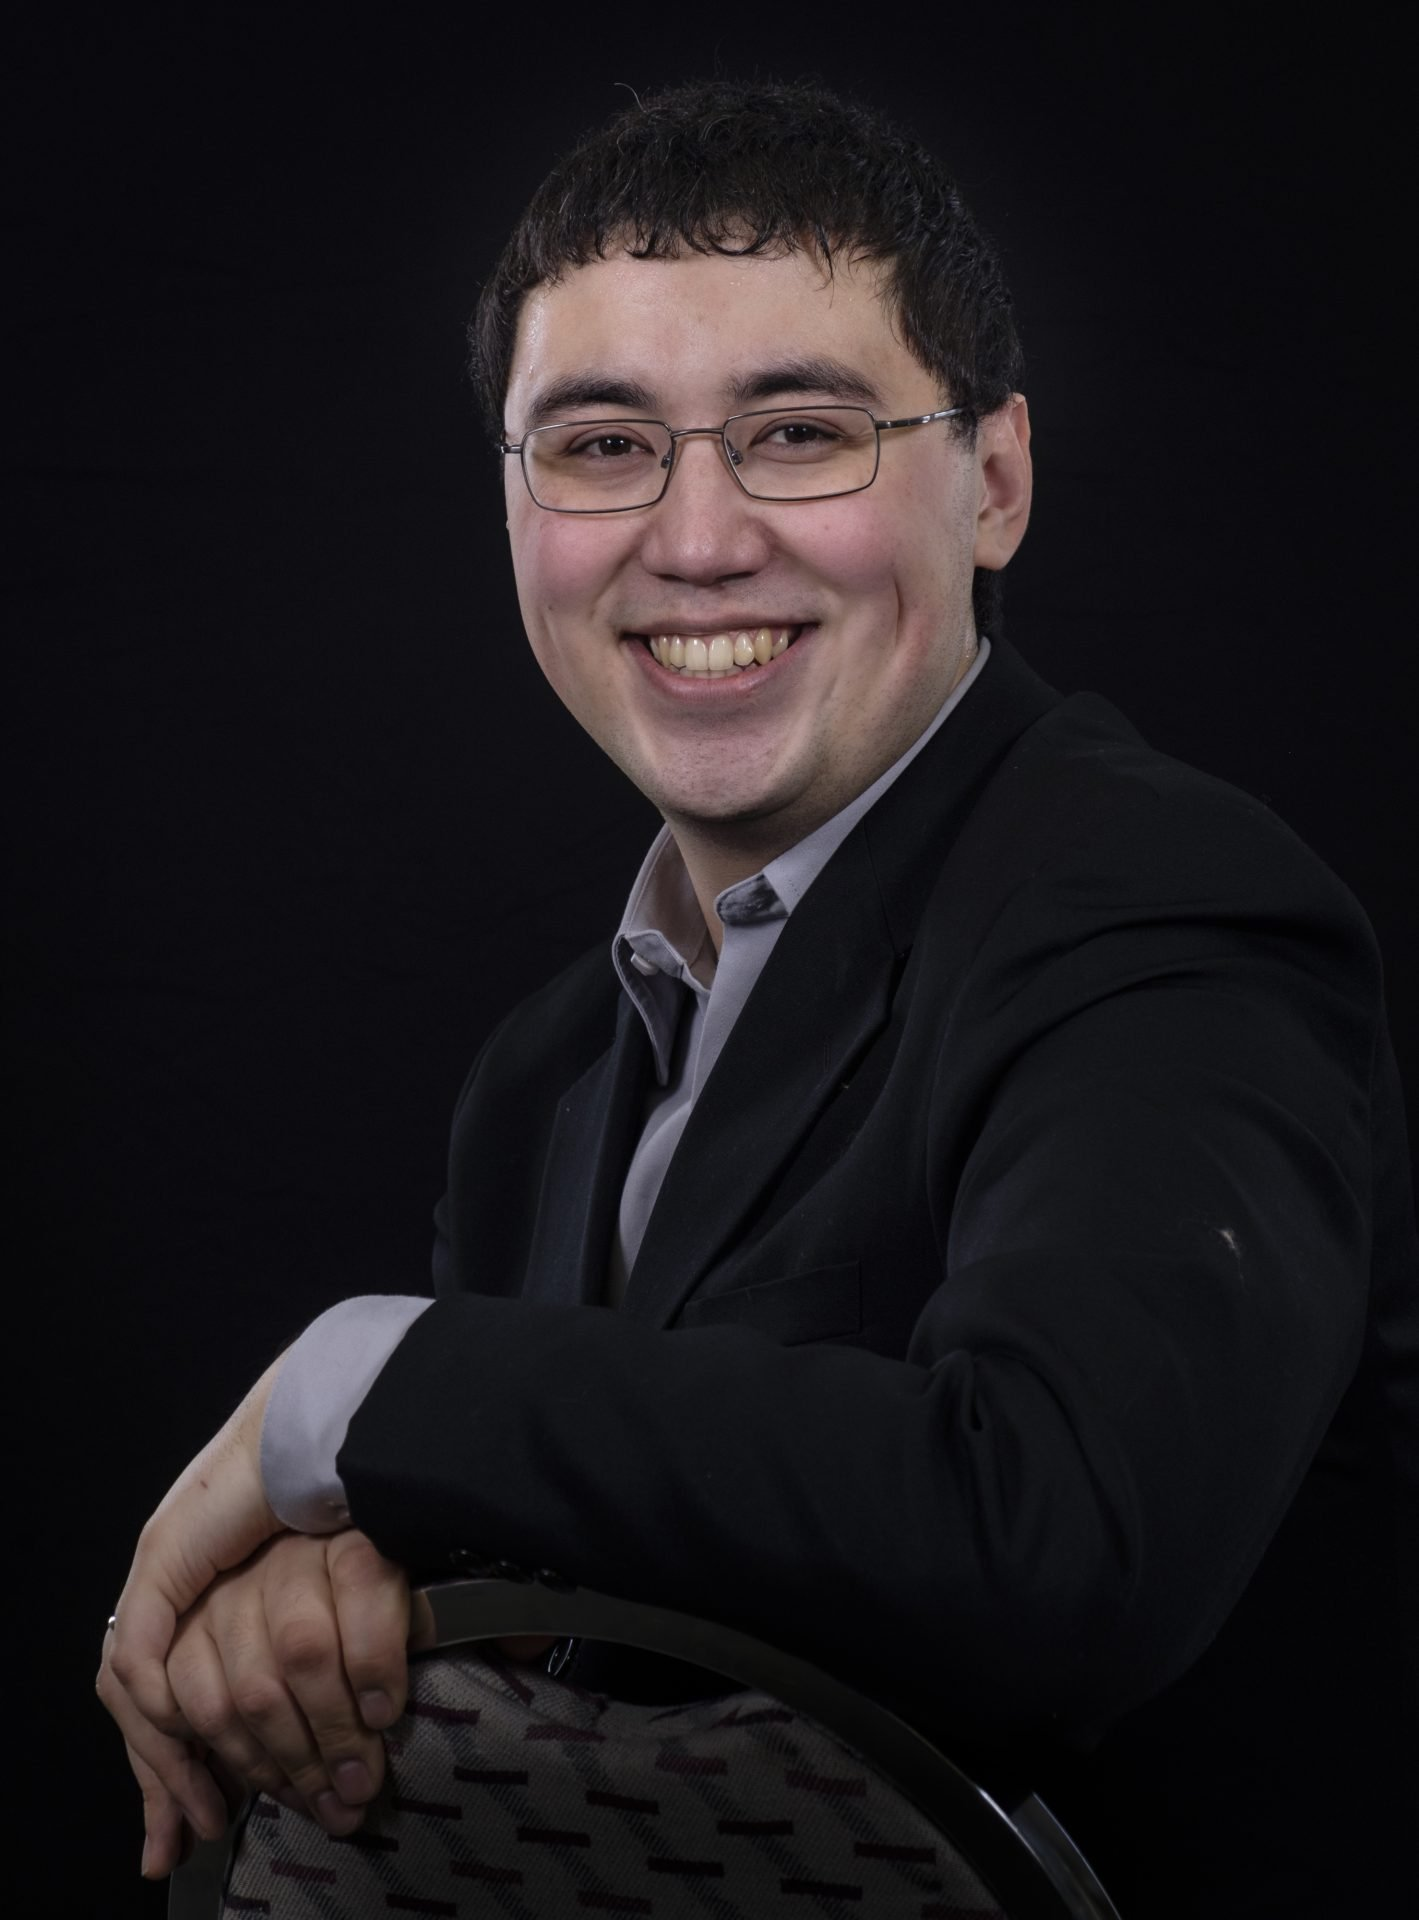 Michael Lum